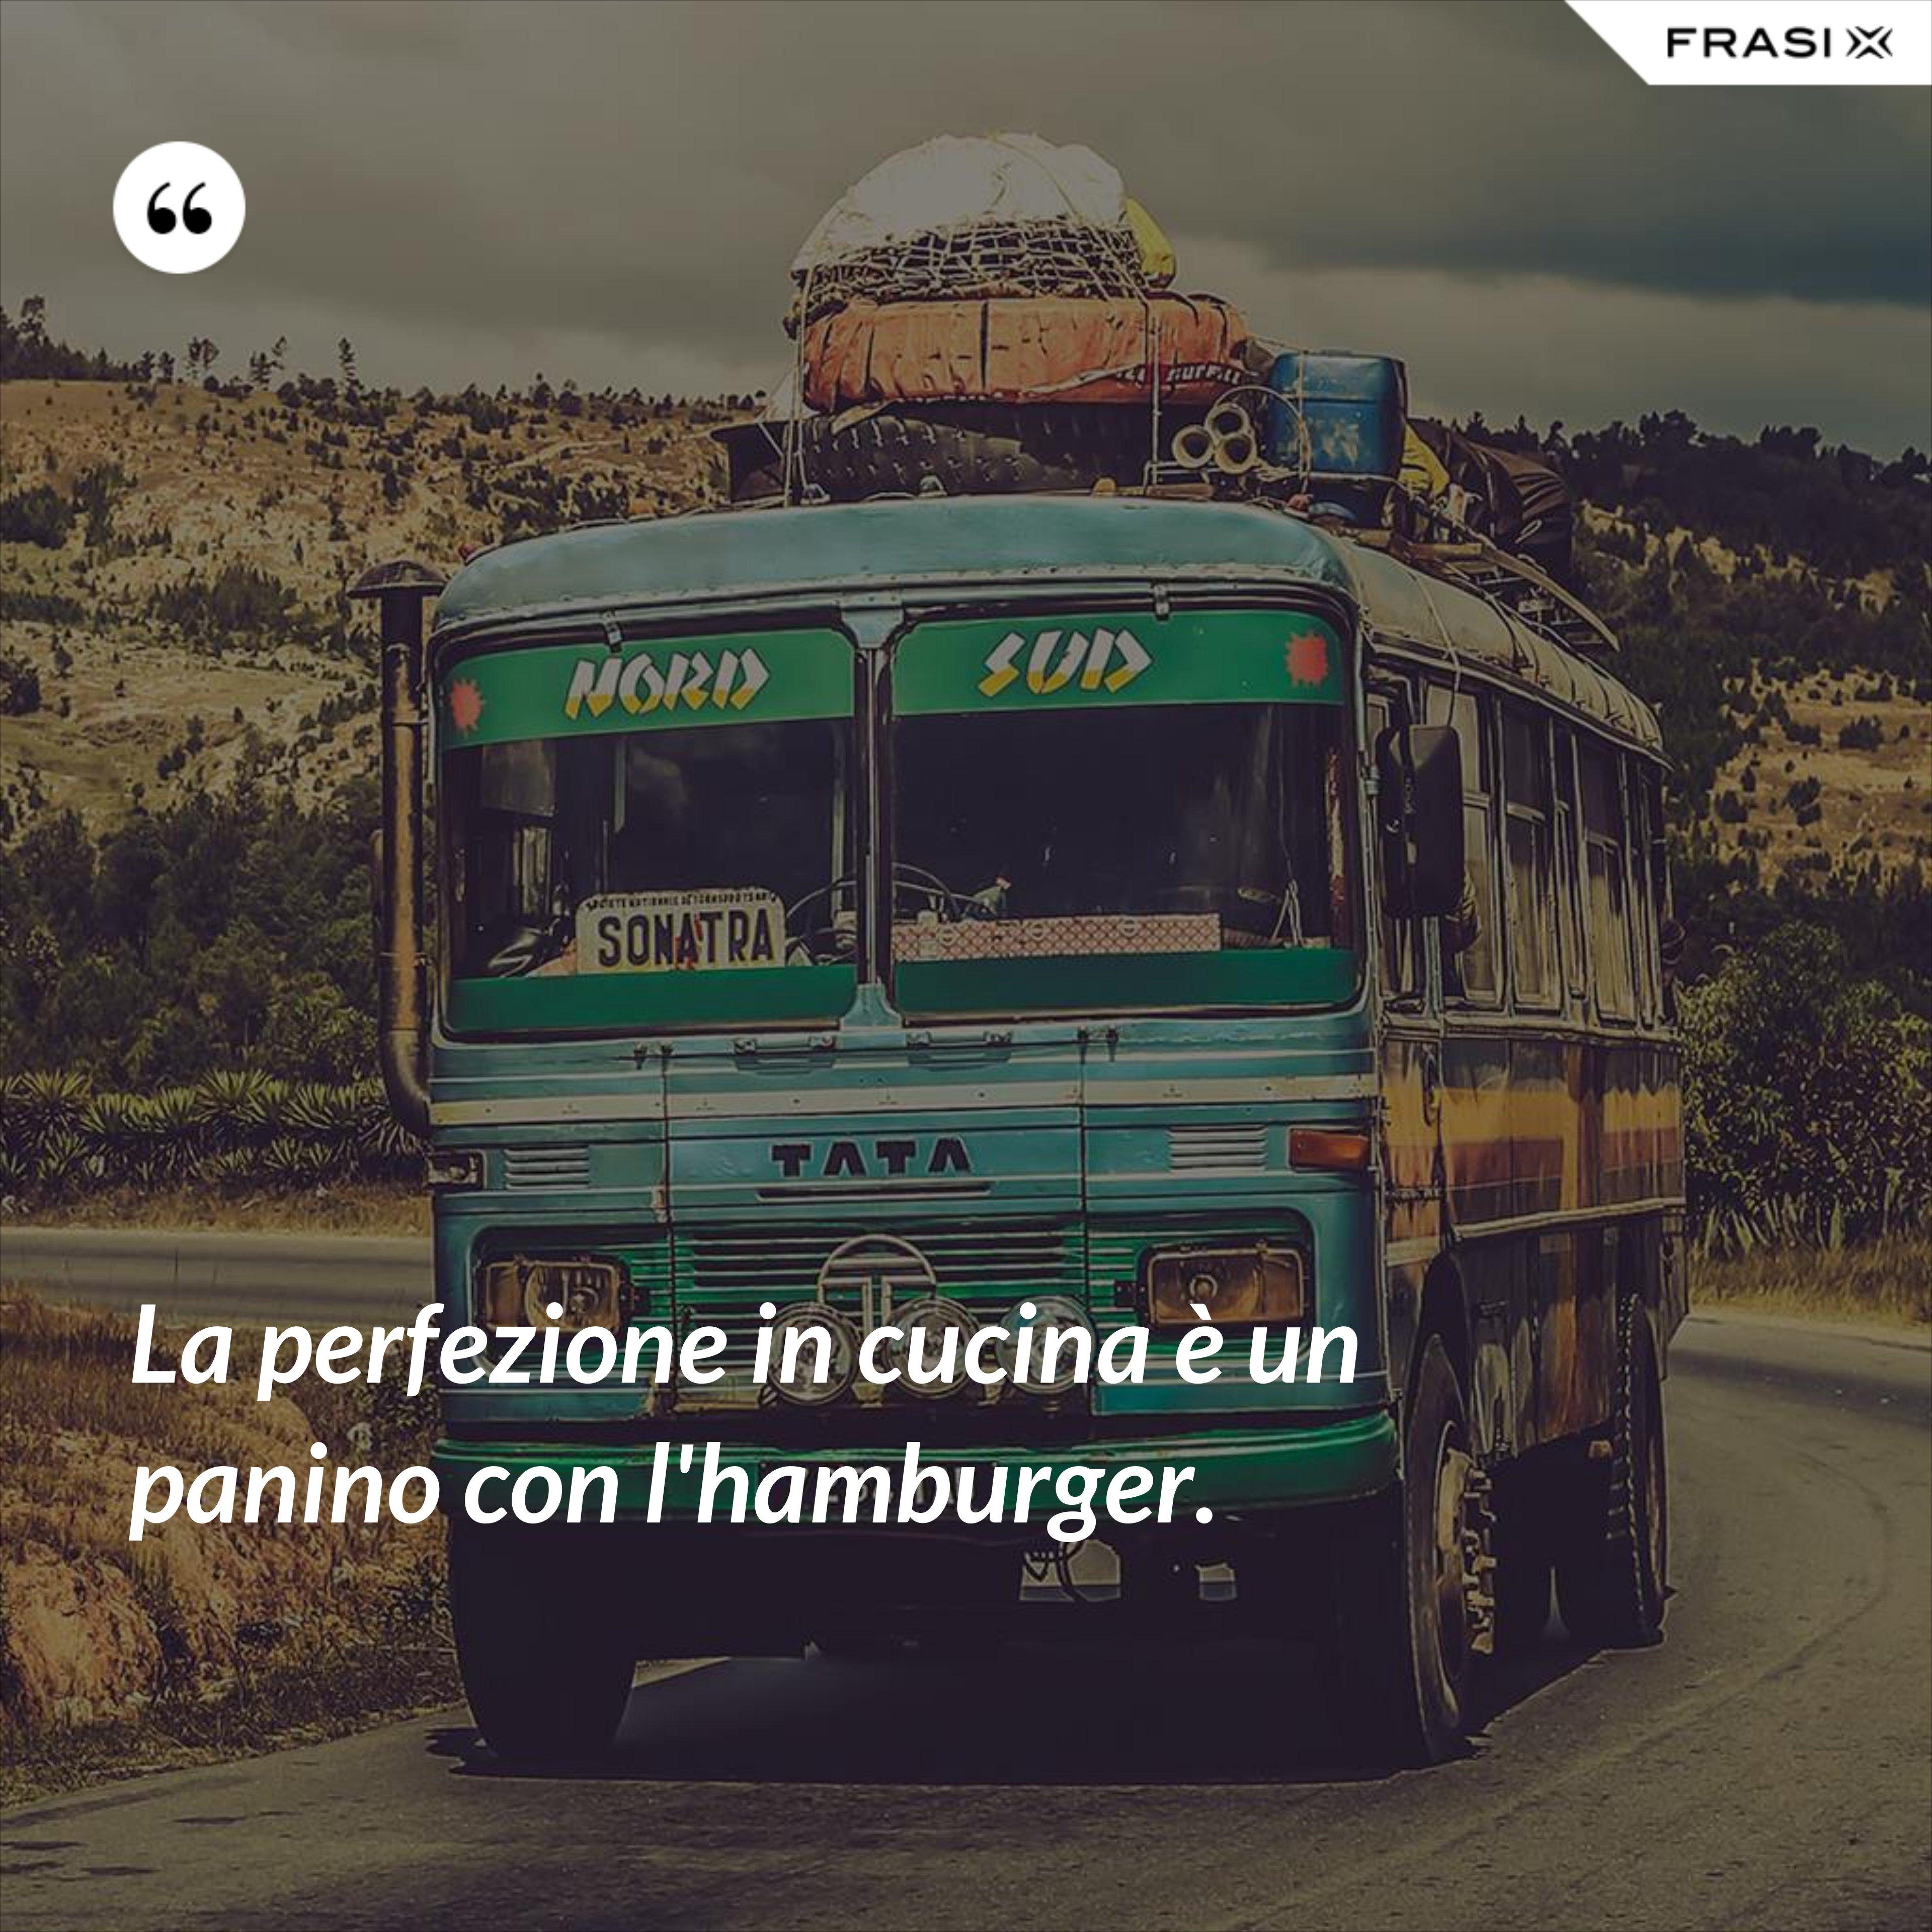 La perfezione in cucina è un panino con l'hamburger. - Anonimo